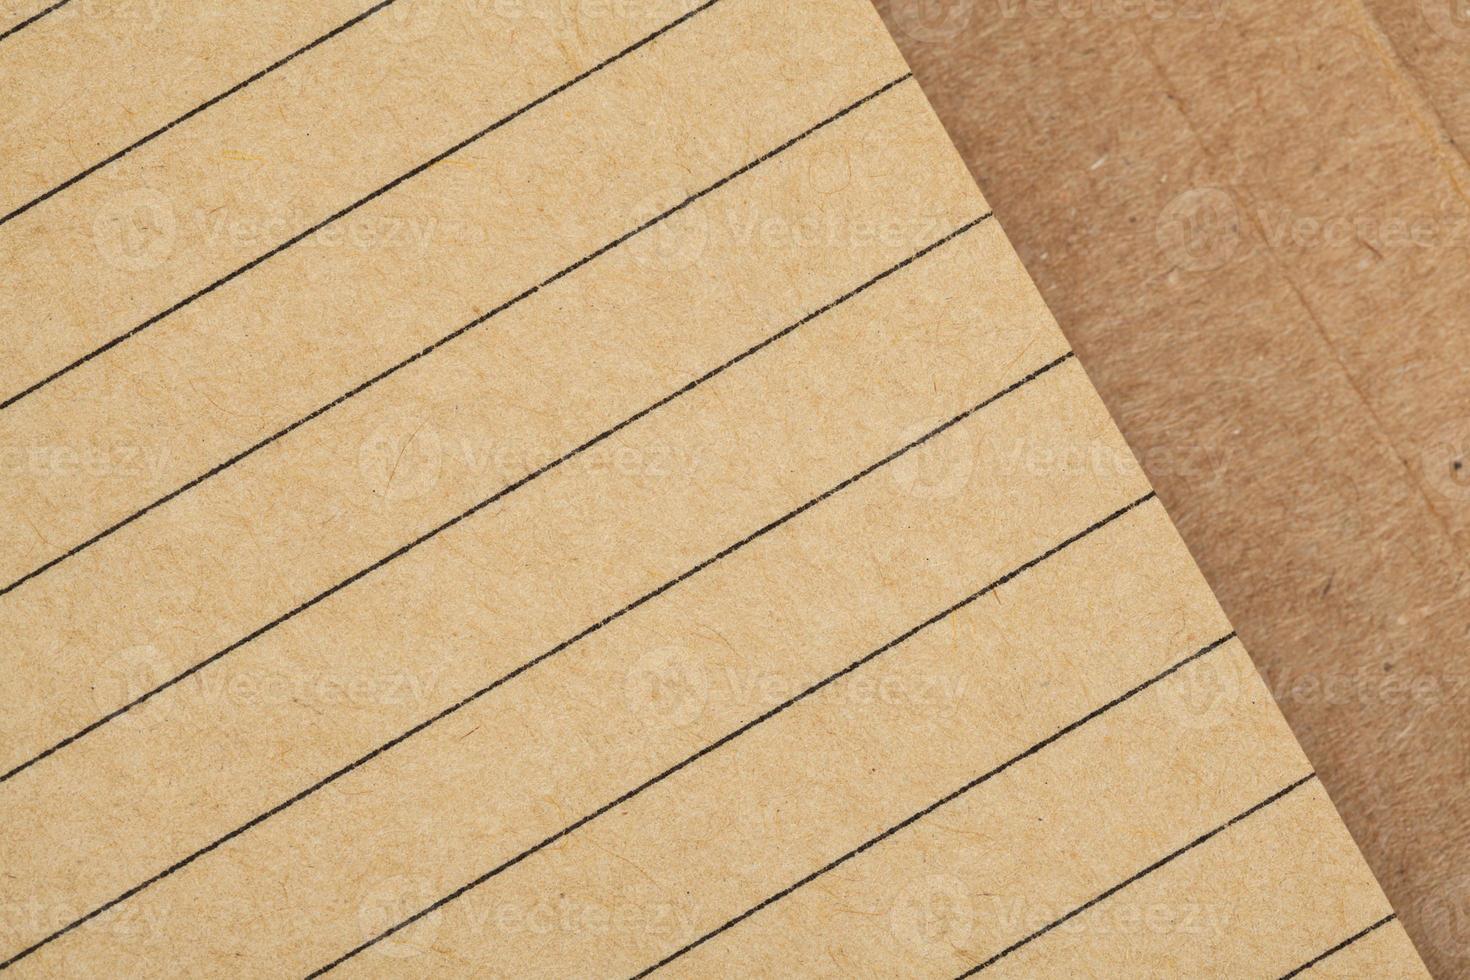 folha de caderno feita de papel reciclado como plano de fundo foto